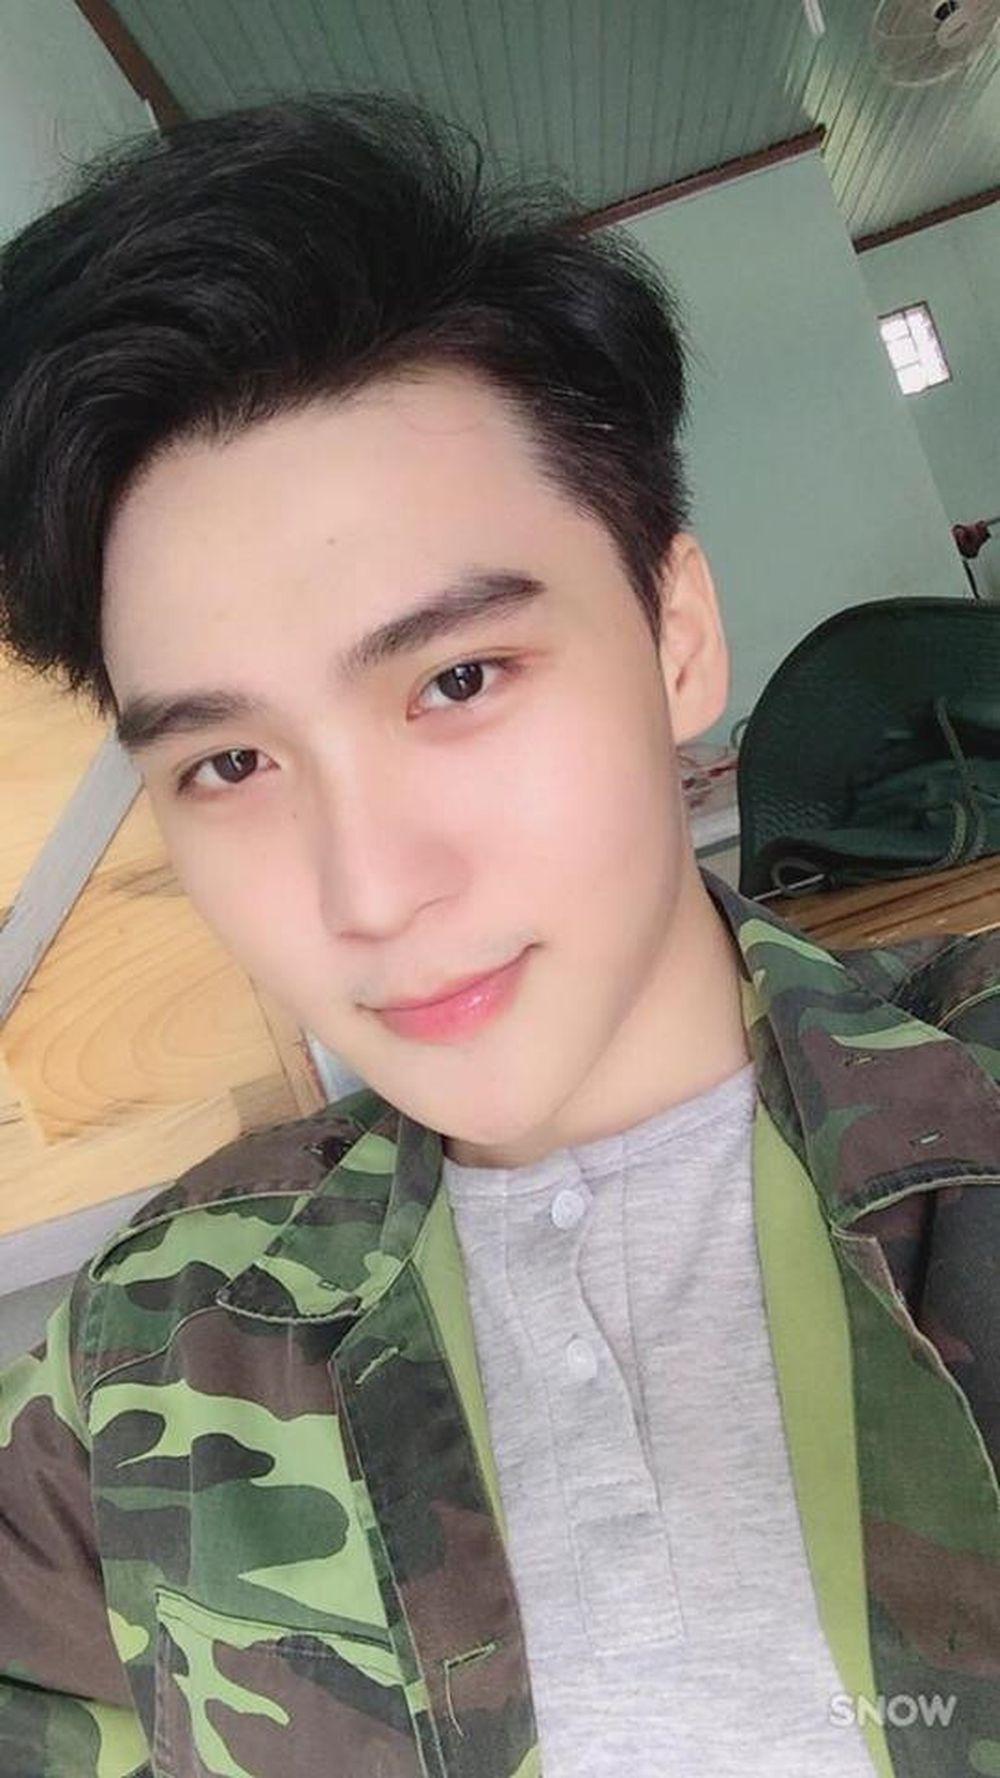 Chàng hot boy ảnh thẻ mới nổi trong cộng đồng mạng có tên đầy đủ là Nguyễn Trí Tâm hiện đang sinh sống và làm việc tại TP HCM.